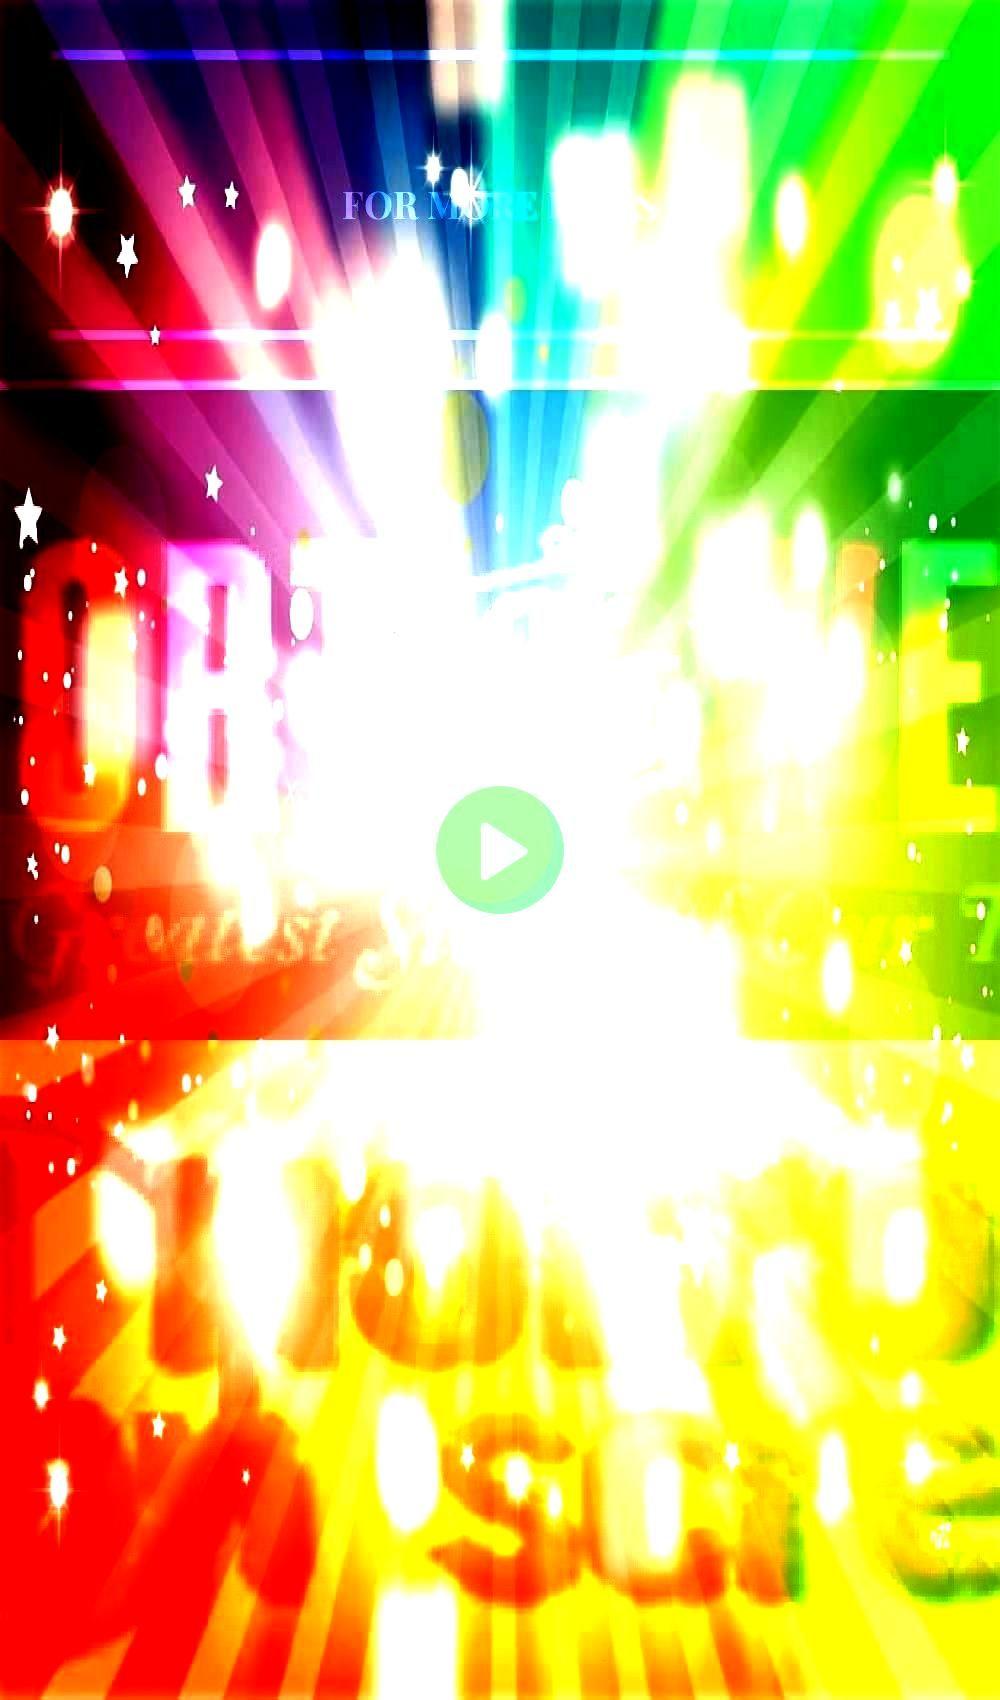 Un site sympa avec de courts documentaires  Filme nach Genre Short of the Week  Un site sympa avec de courts documentaires  Short of the Week  Un site sympa avec de court...